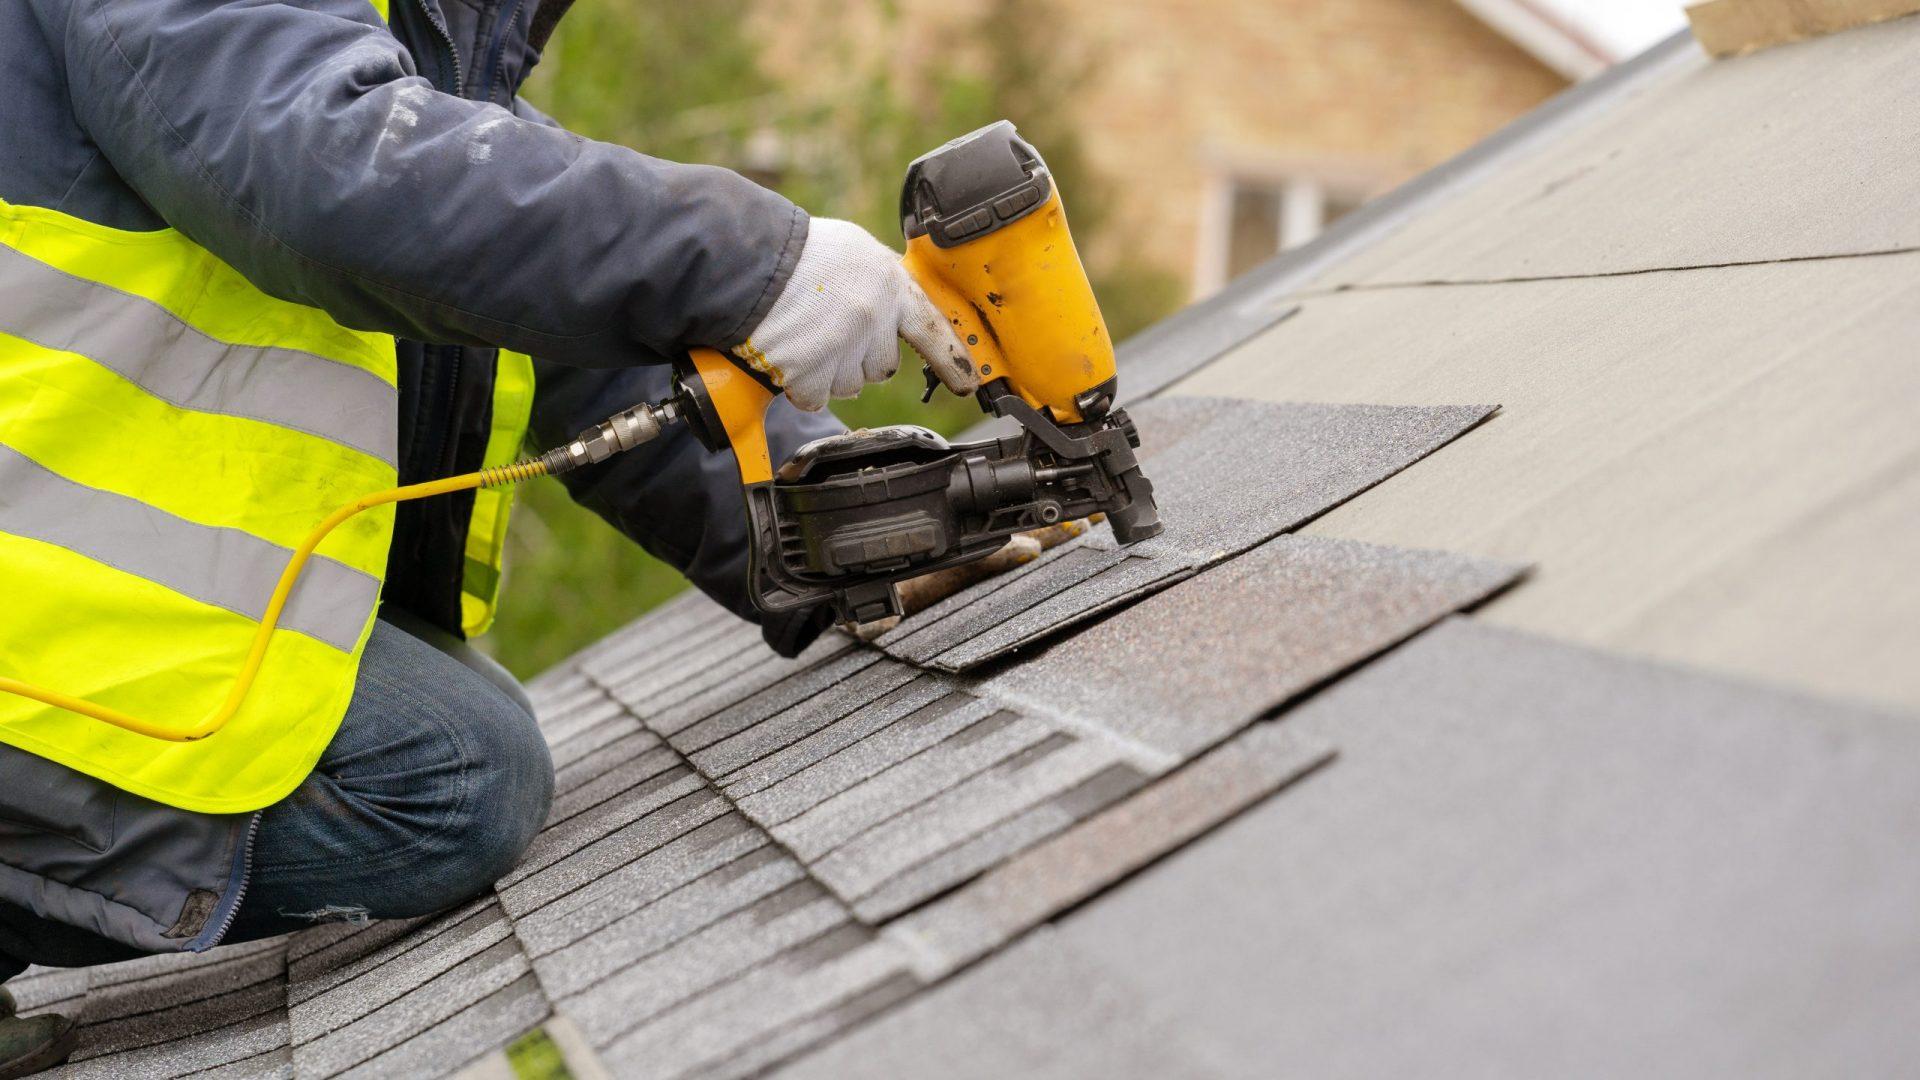 Multi Concurrent dakdekker aan het werk